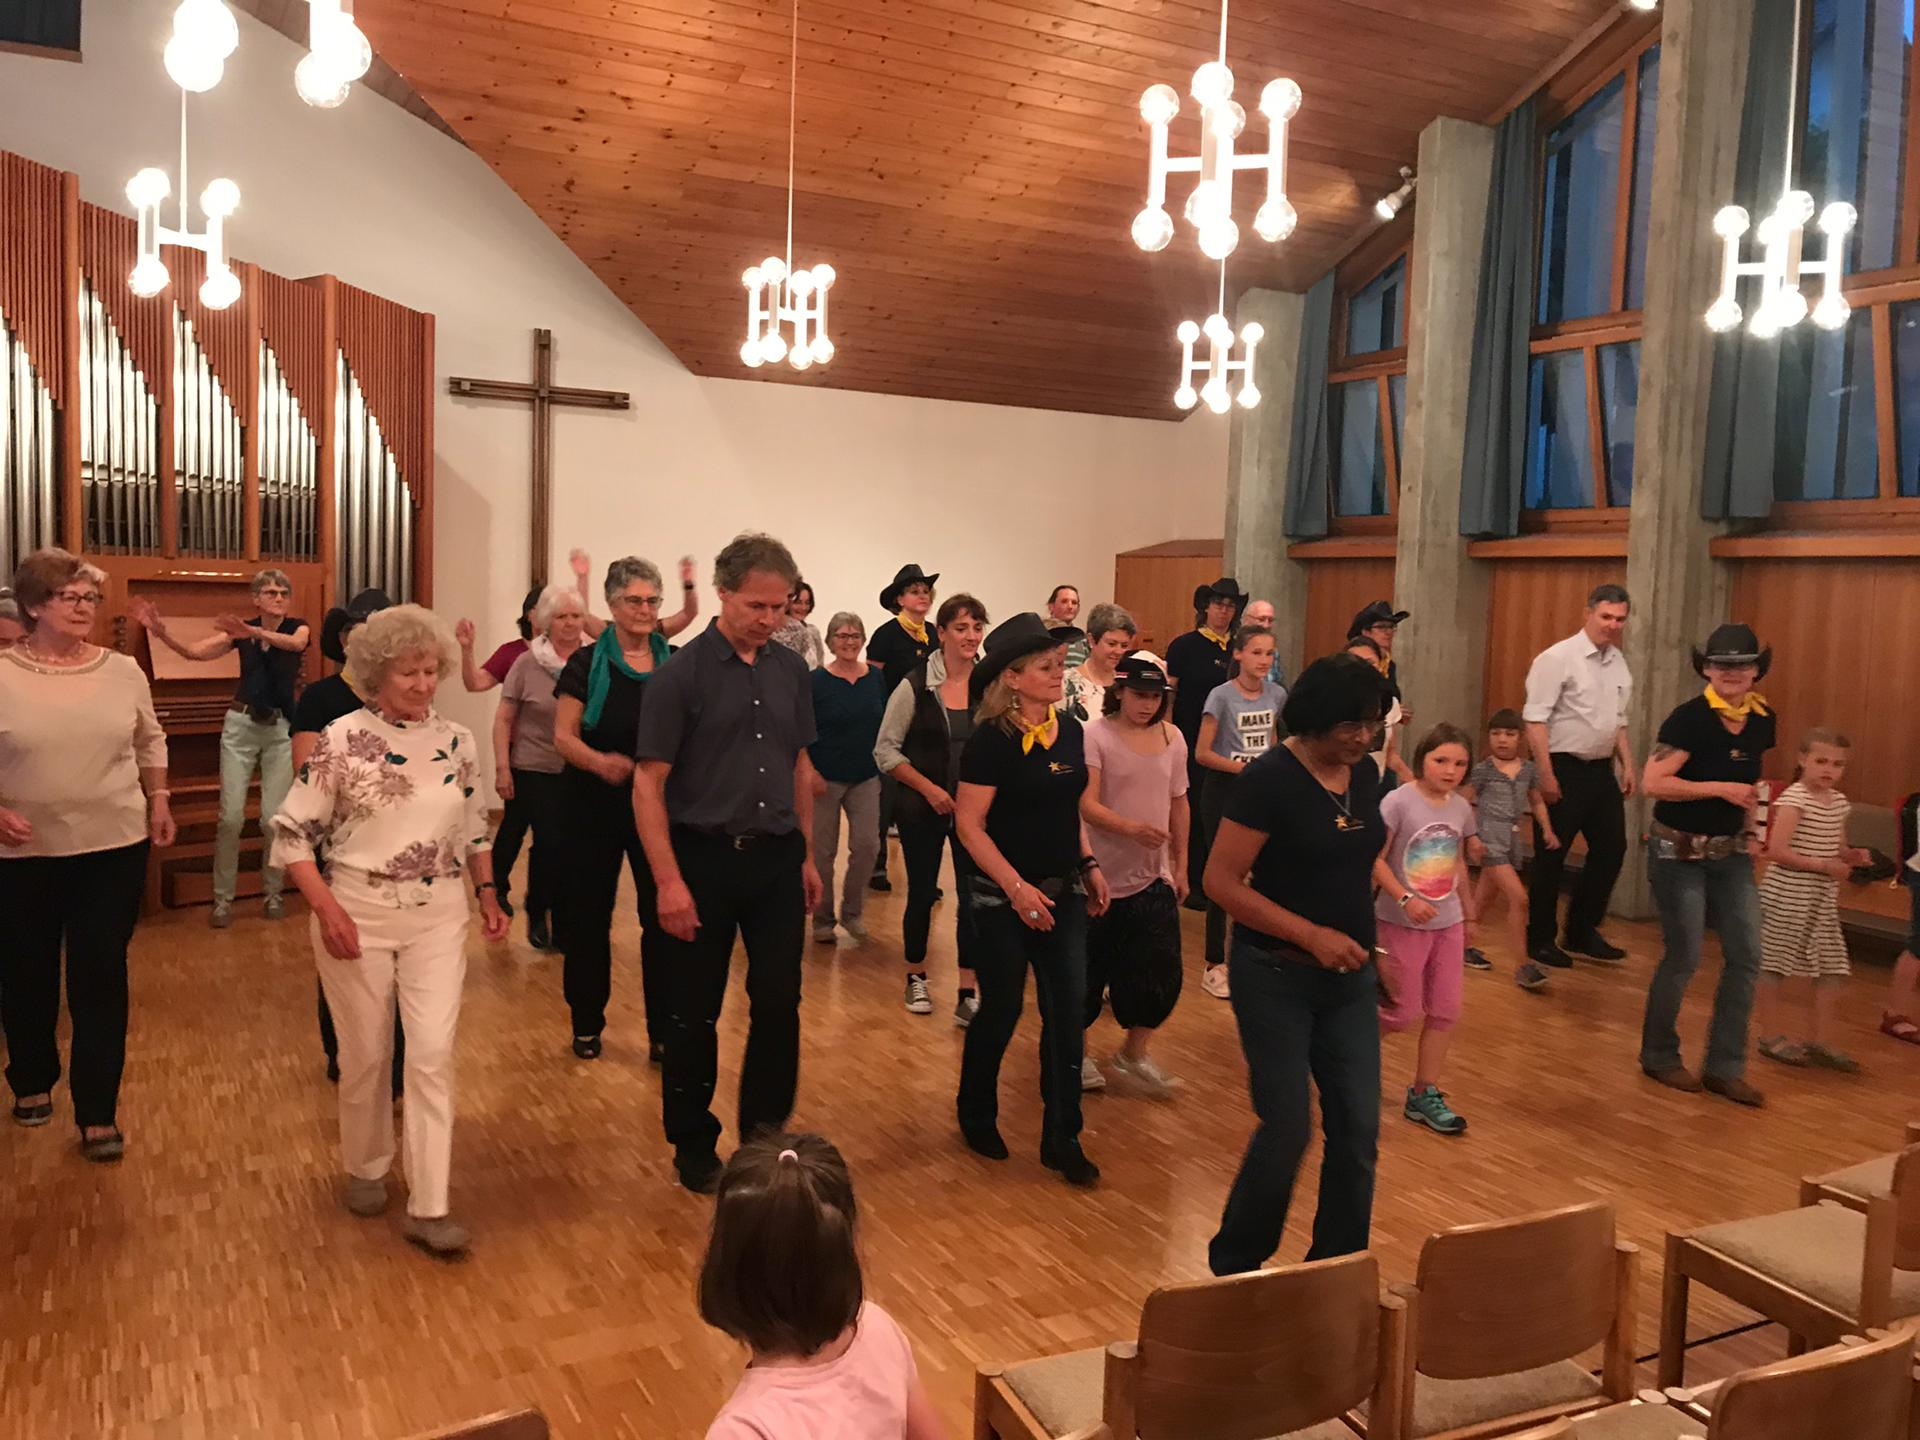 Auftritt am Ökumenischen Kirchenzentrumfest in Ehrendingen - 15.06.19